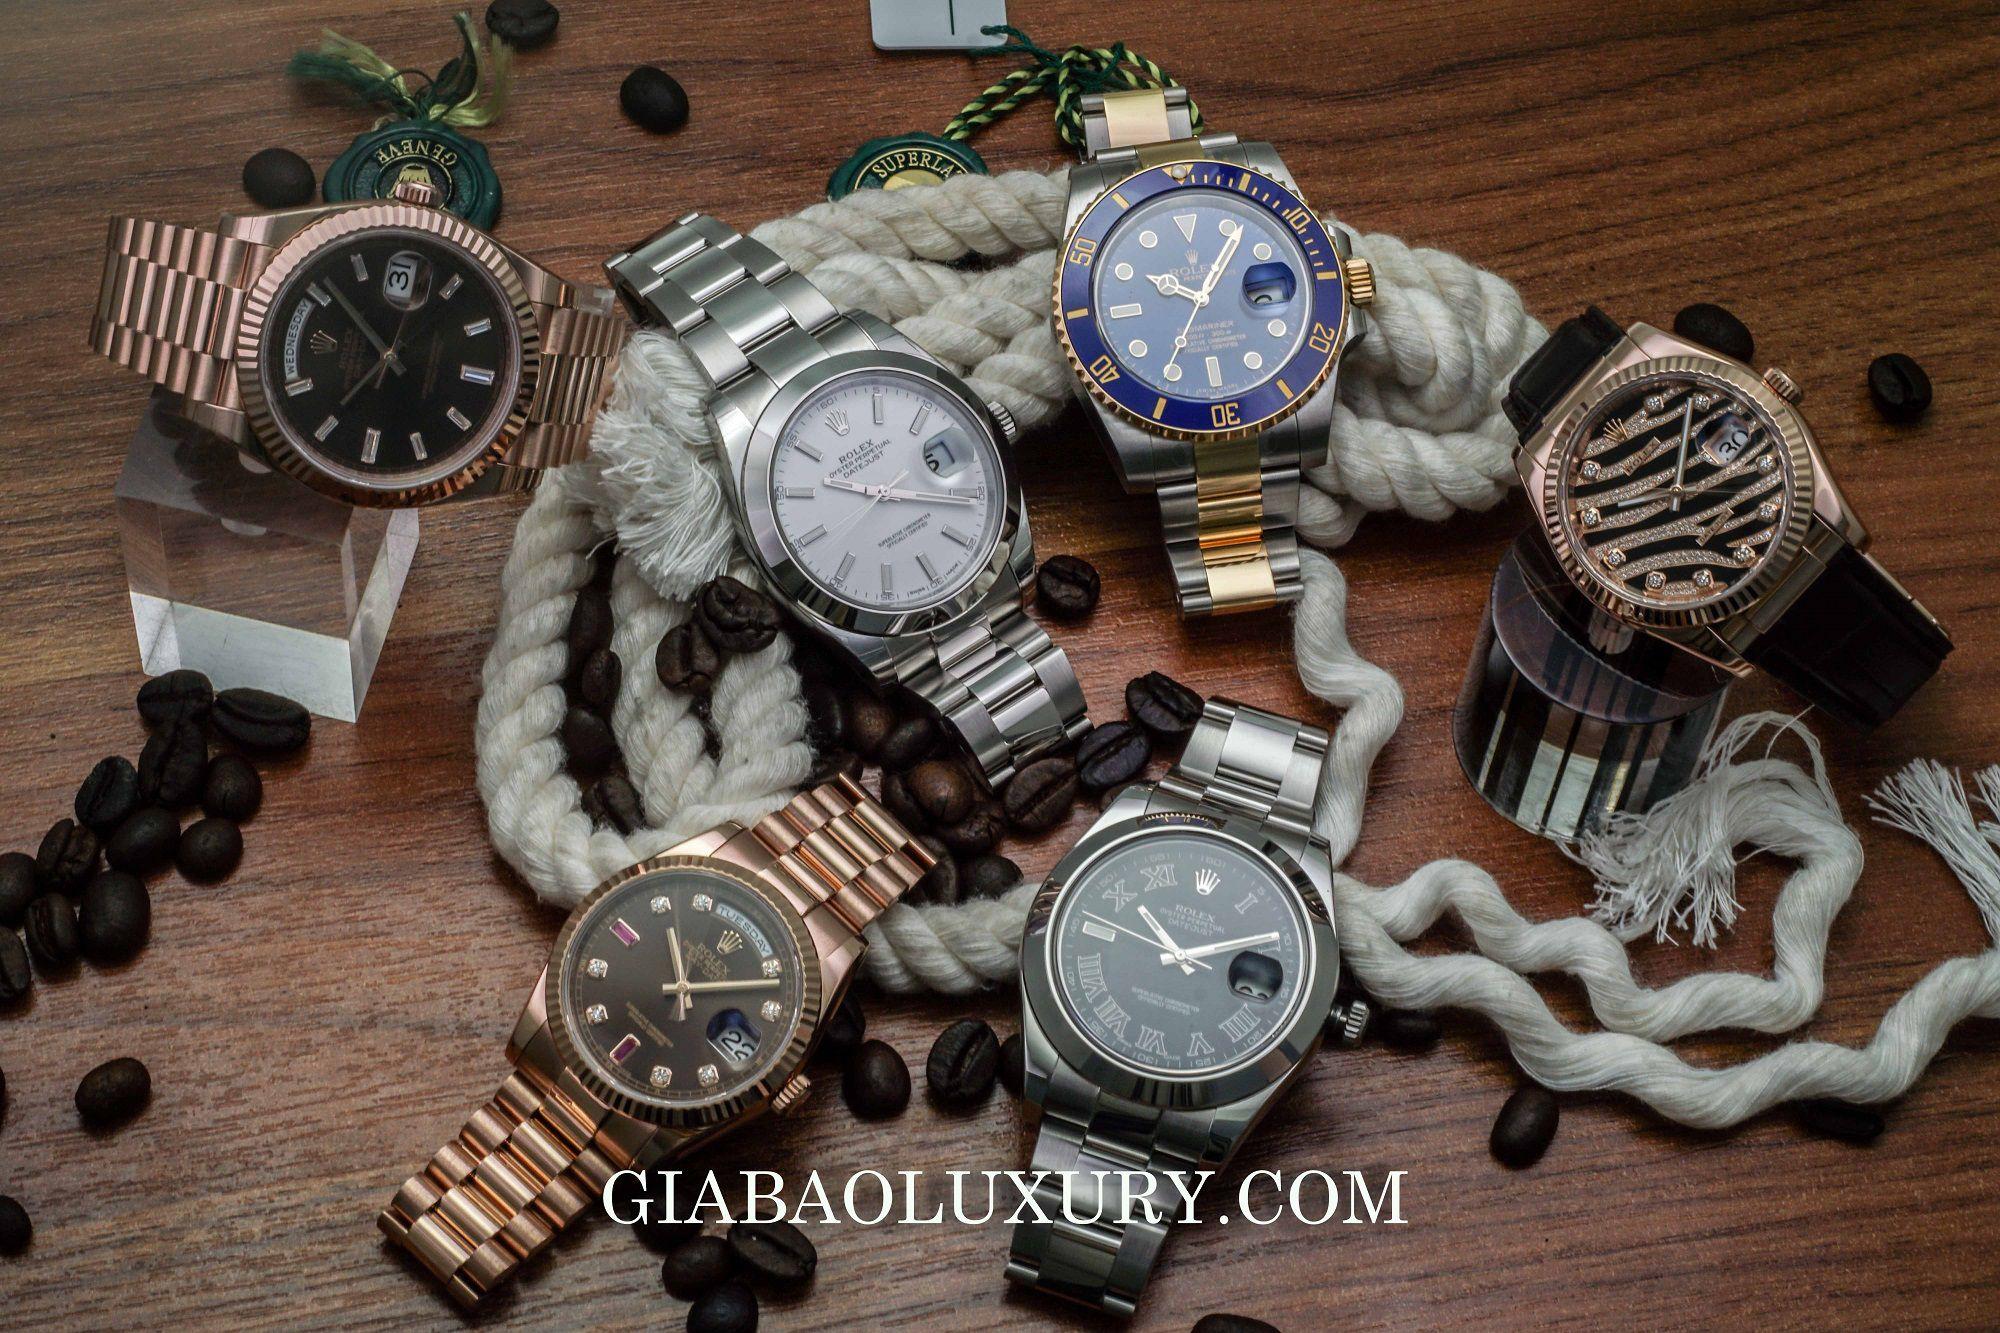 Gia Bảo Luxury thu mua đồng hồ Rolex Datejust chính hãng